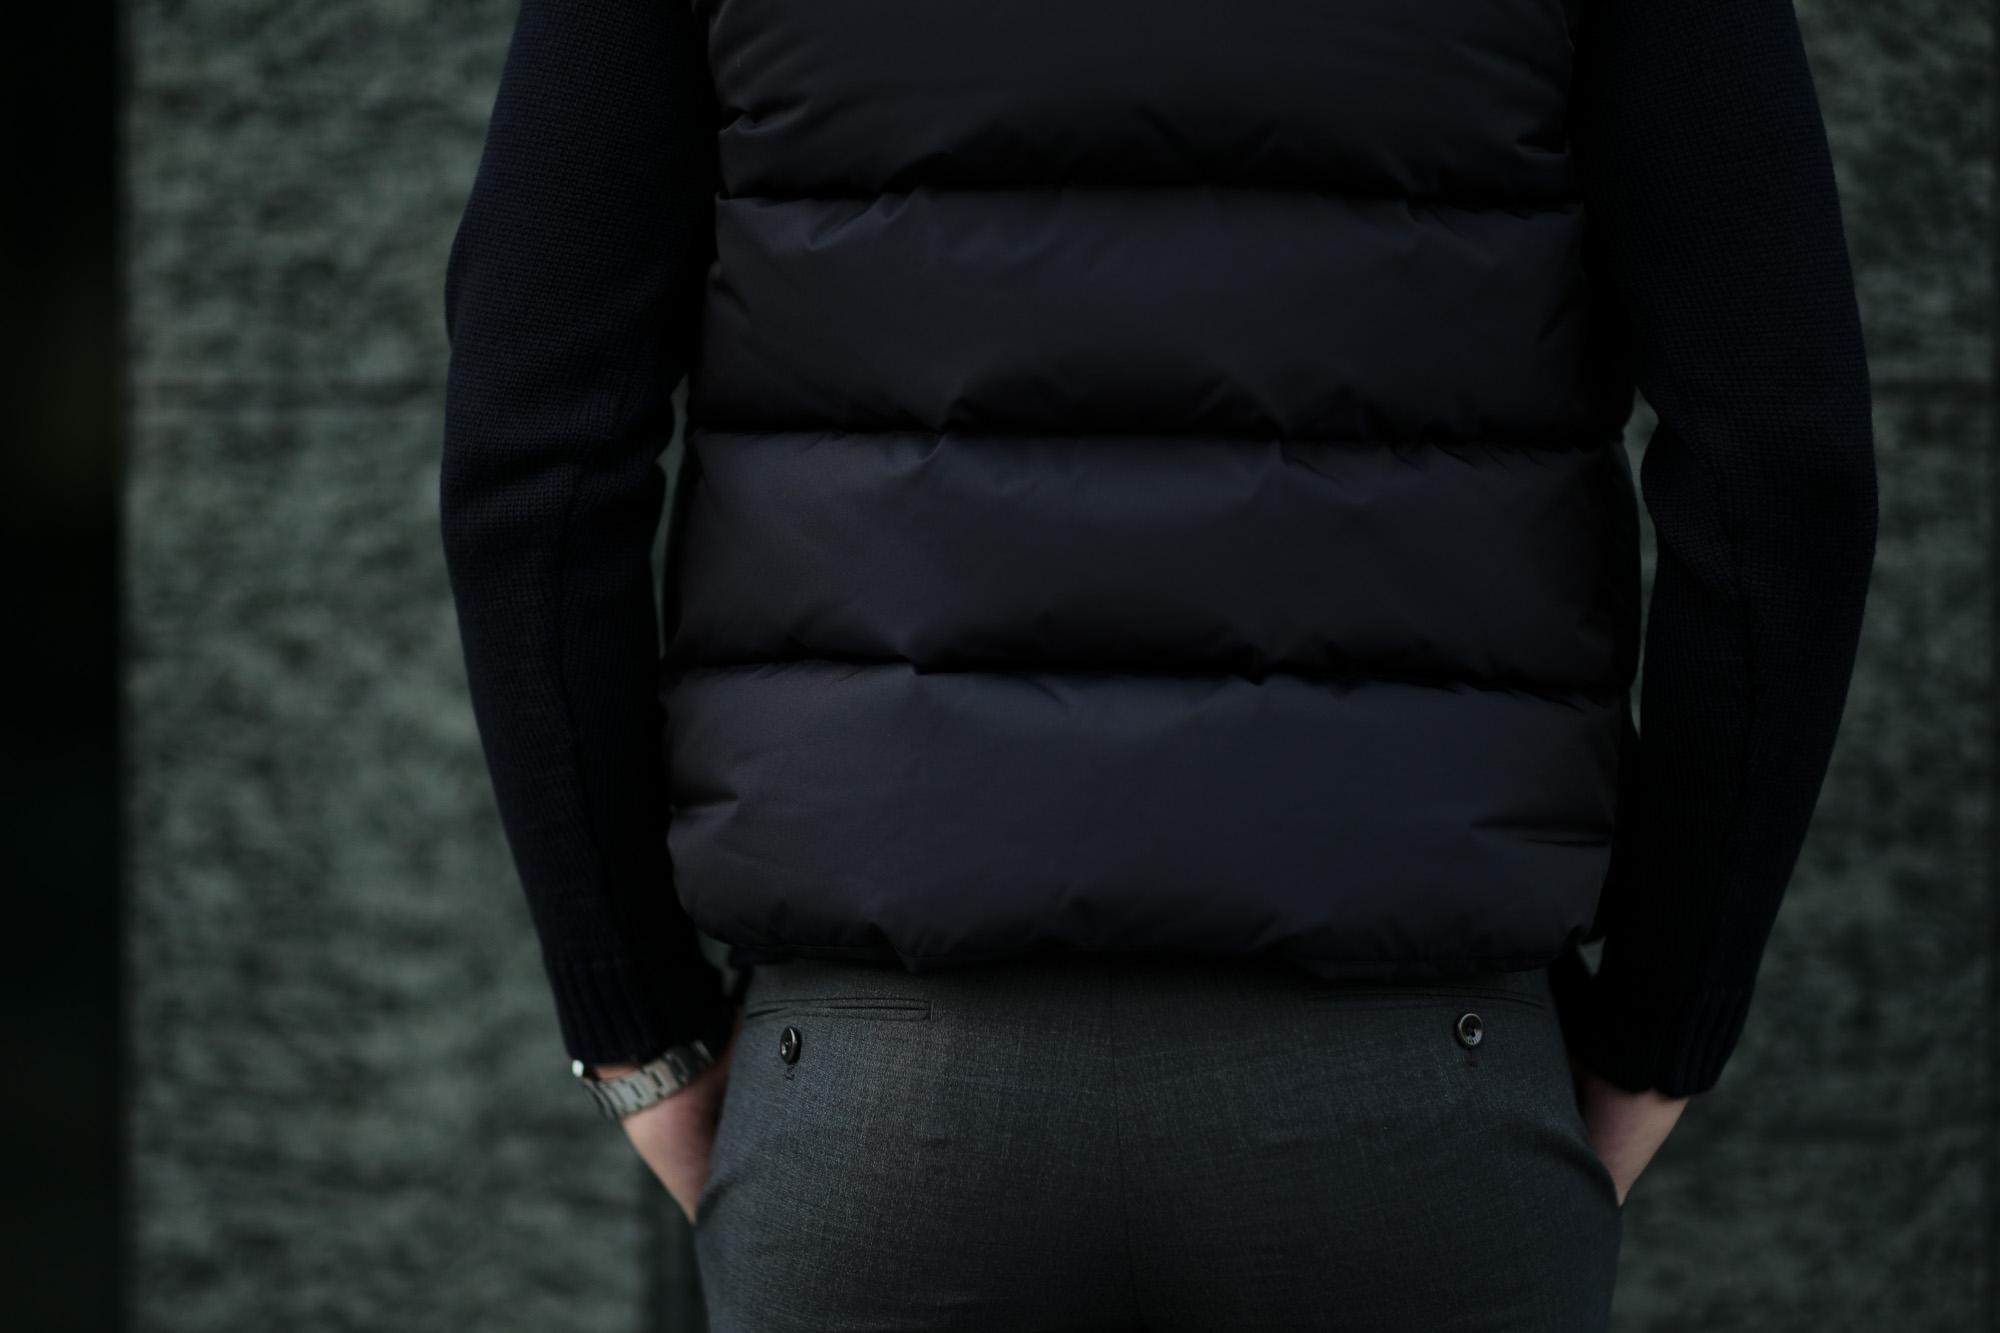 MOORER (ムーレー) FAYER (フェイヤー) Nylon Down Vest ナイロン ダウンベスト VISONE(ベージュ・33),MARMOTTA(ブラウン・35),BLUE(ブルー・78),NERO(ブラック・08) Made in italy (イタリア製) 2020 秋冬 【ご予約受付中】愛知 名古屋 altoediritto アルトエデリット ダウンベスト